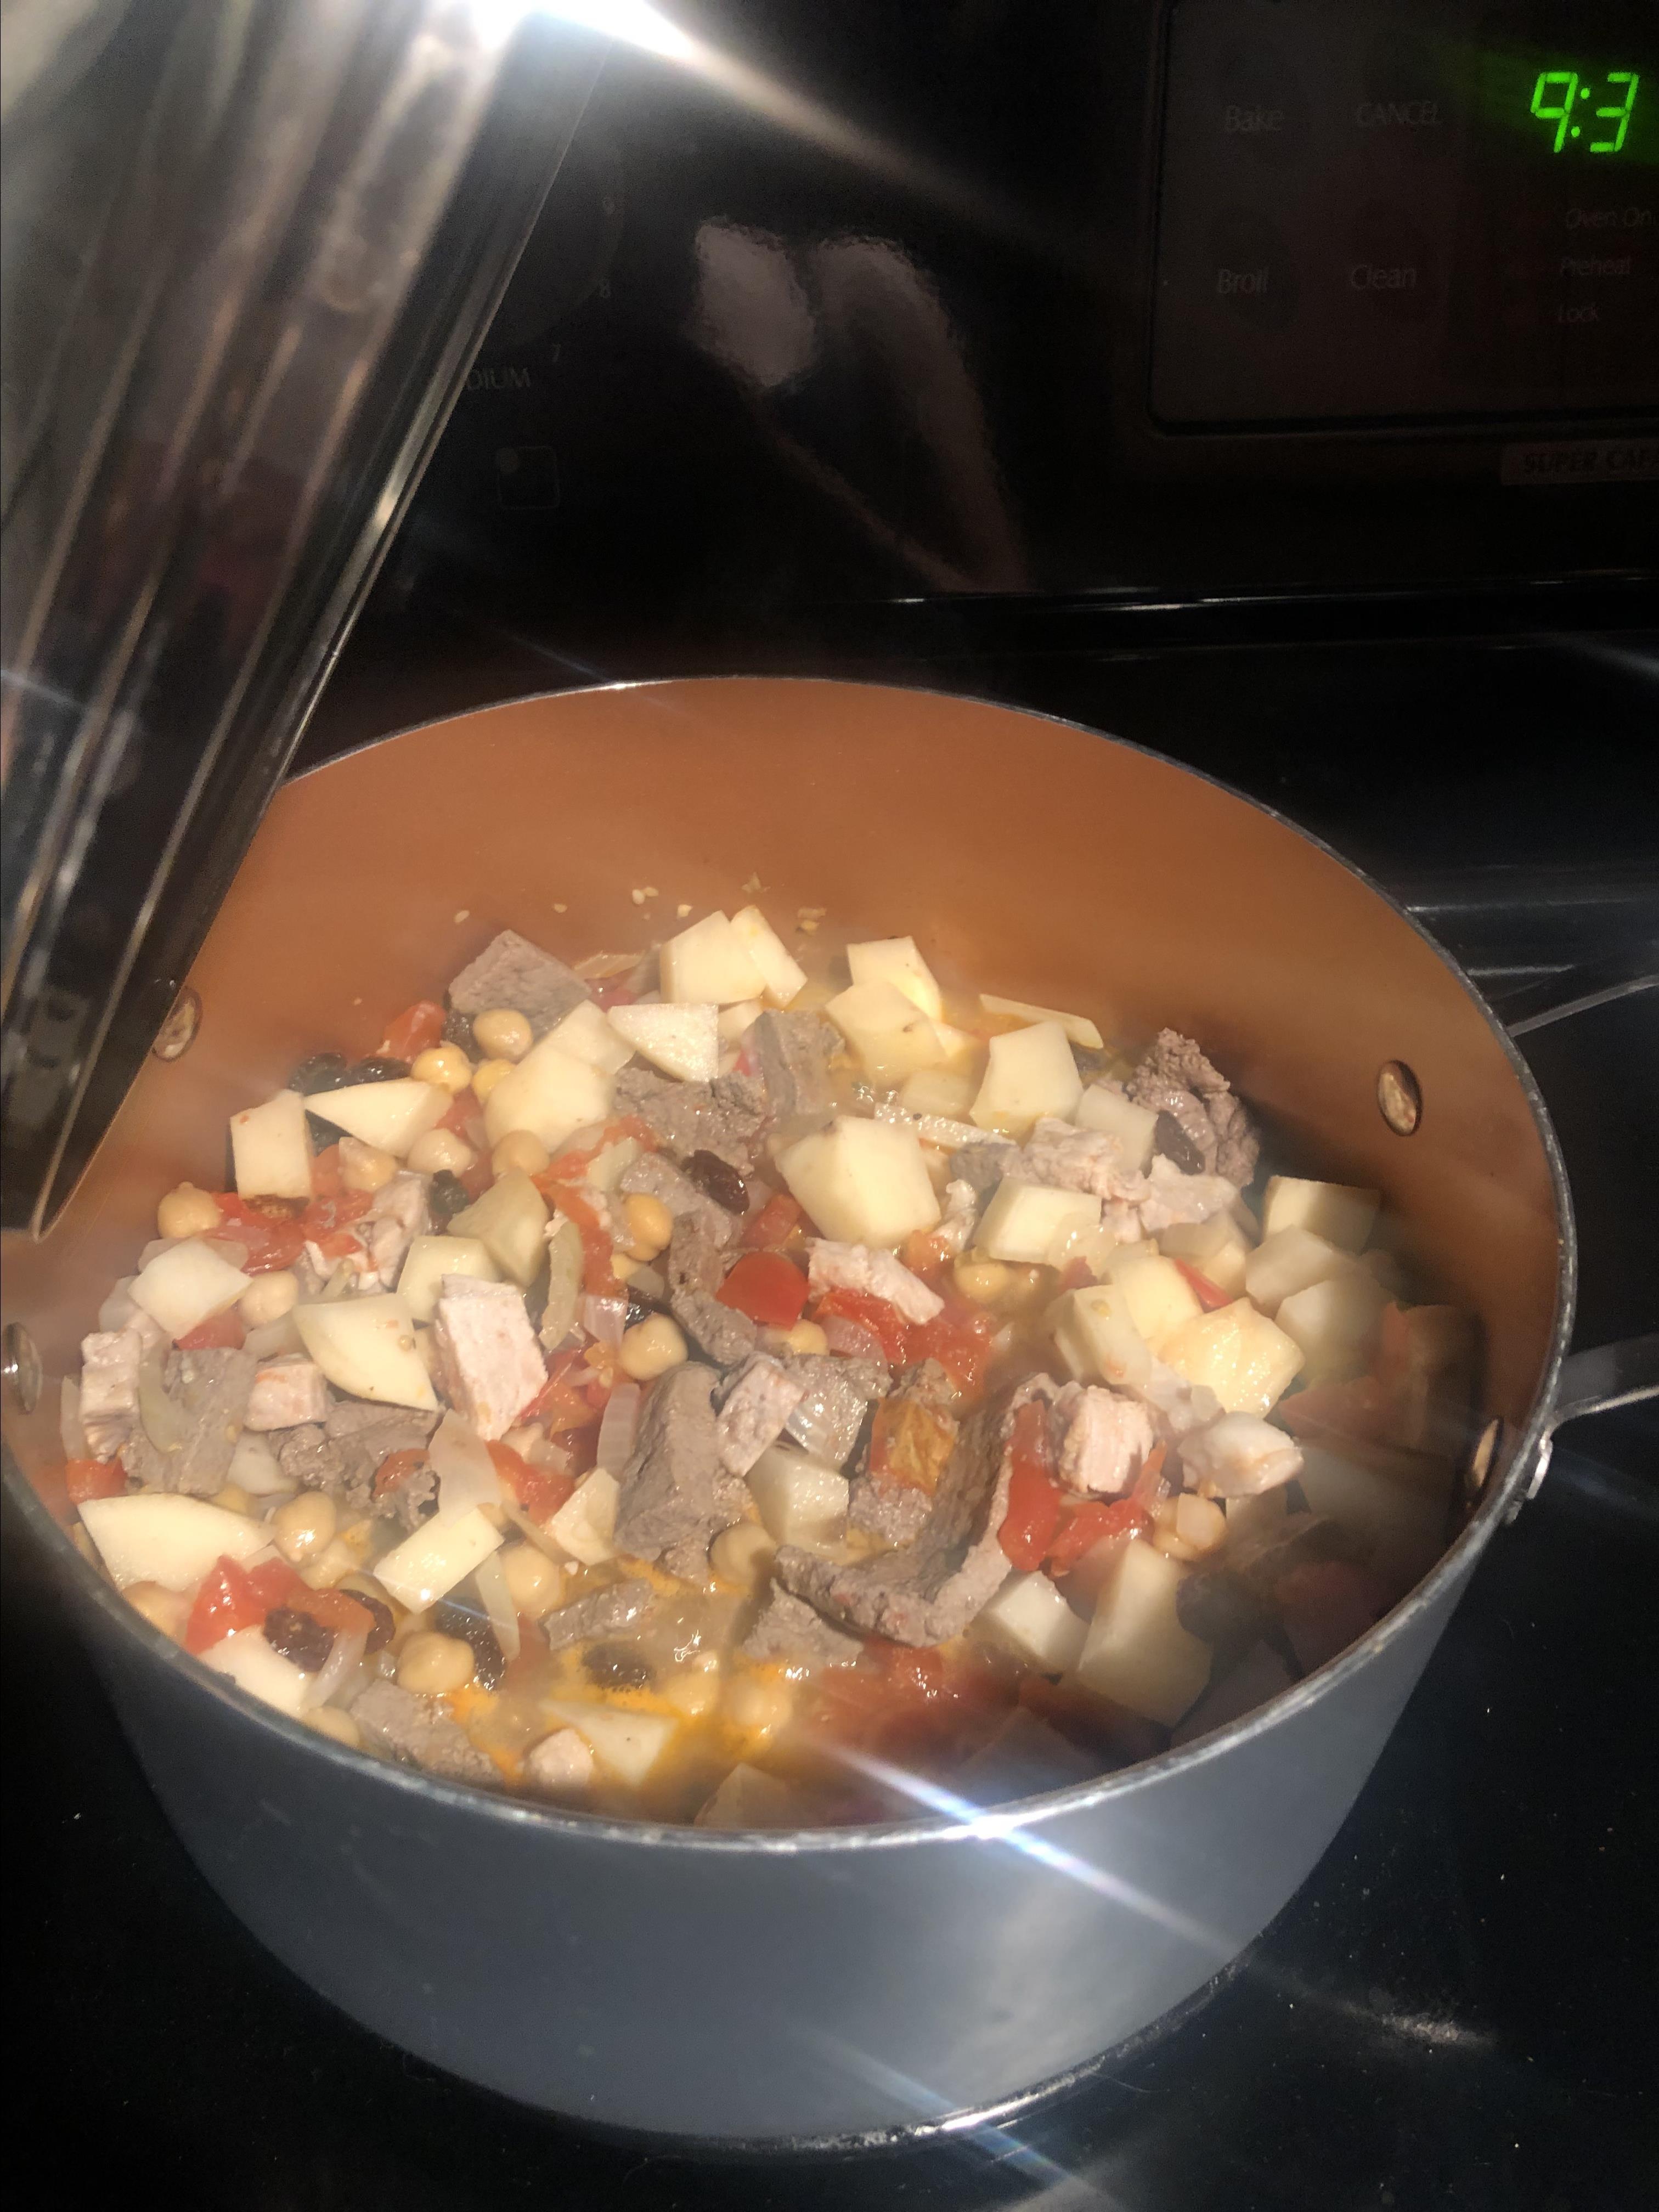 Filipino Menudo (Pork and Liver Stew)